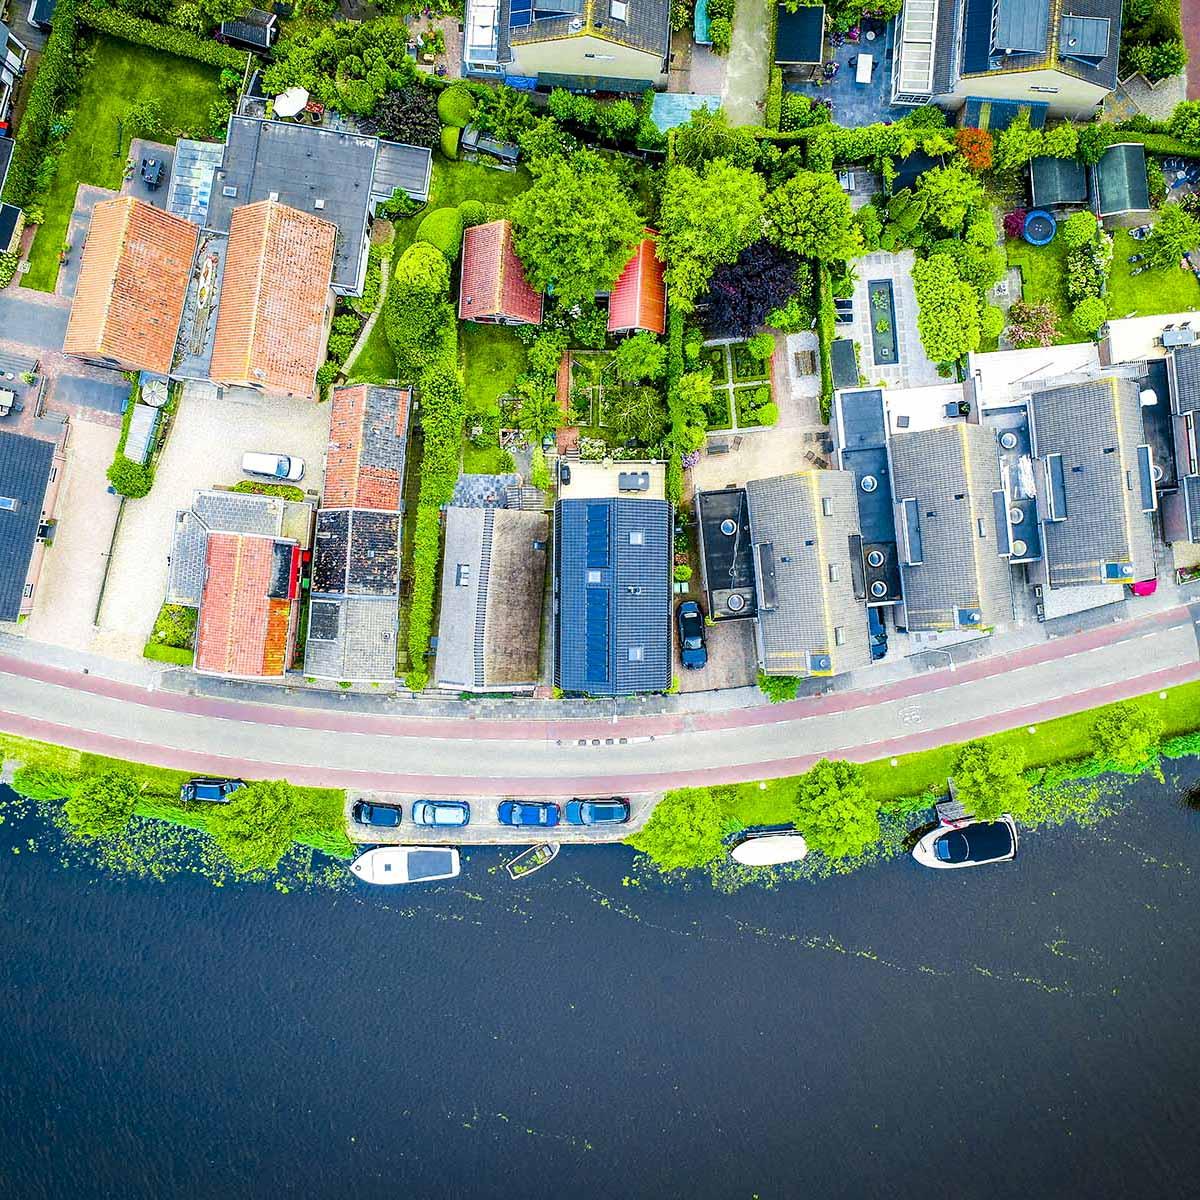 Nes aan de Amstel (top view)